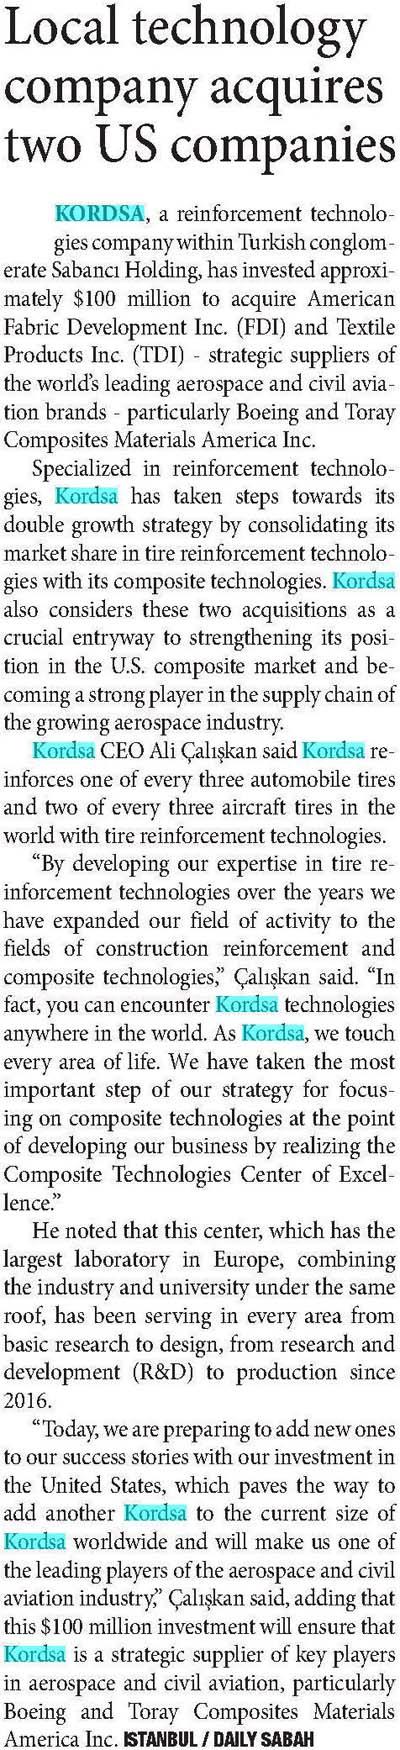 Türk teknoloji firması Amerika'da iki şirket satın aldı